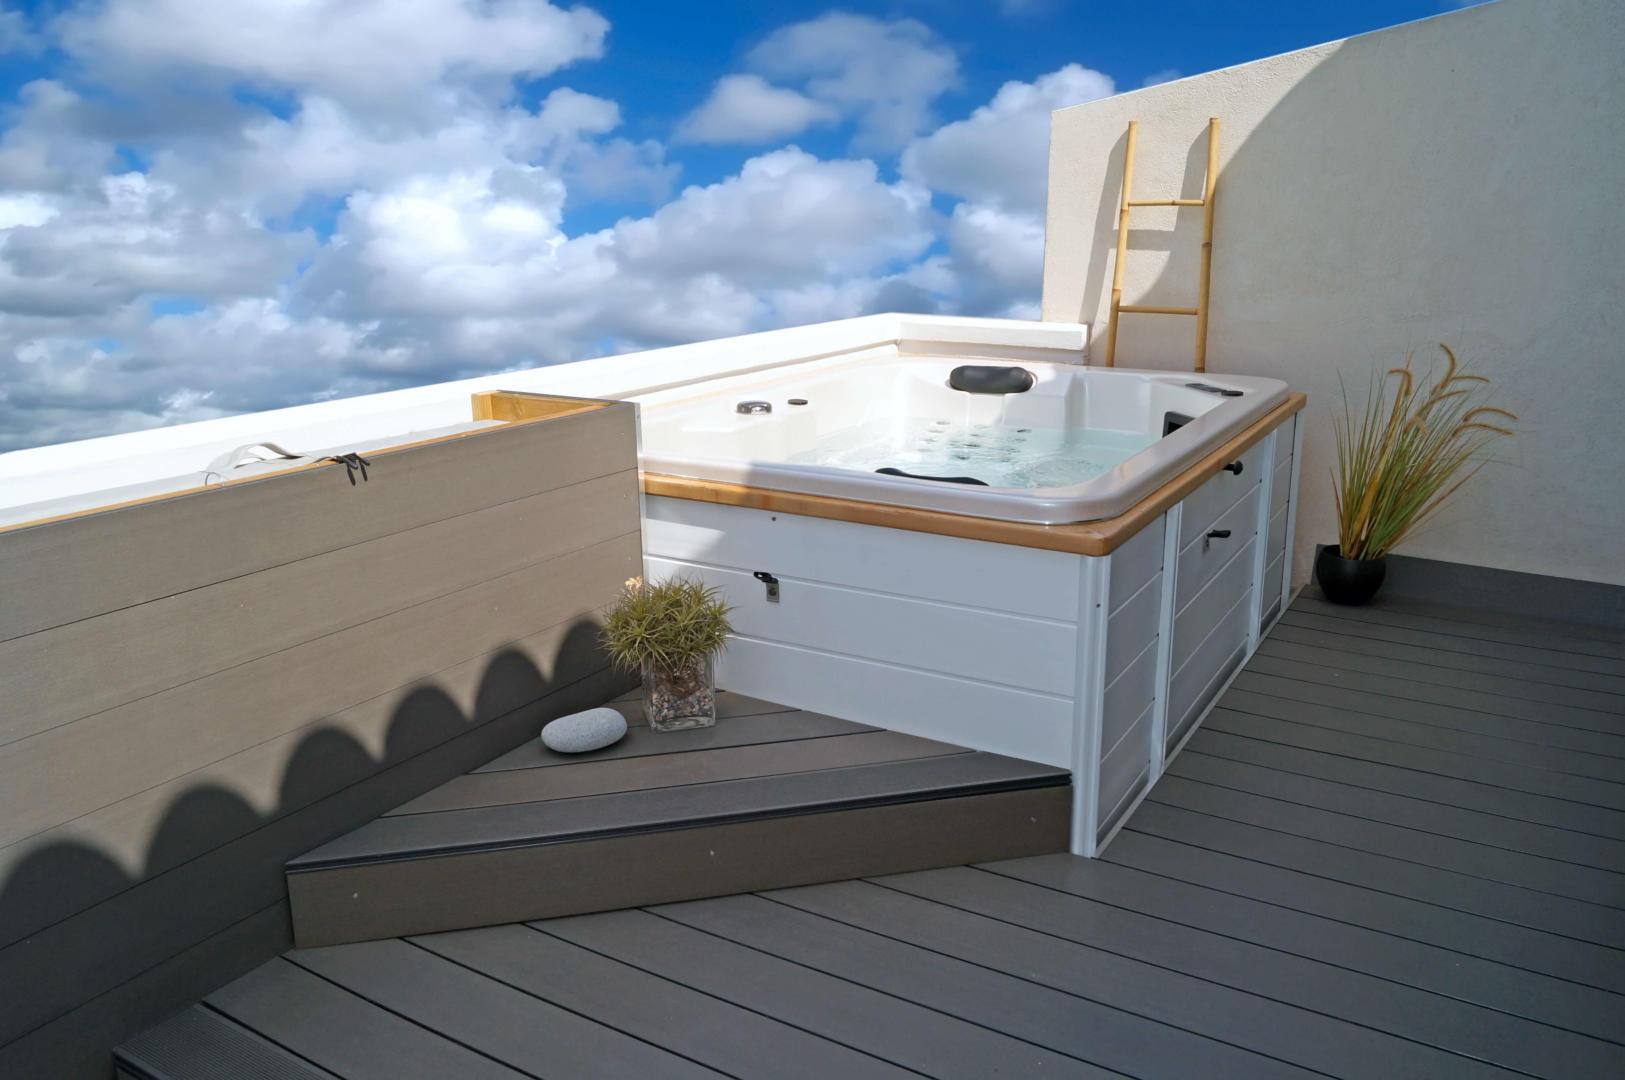 Installation Spa Interieur Spa Exterieur Chez Soi Regles